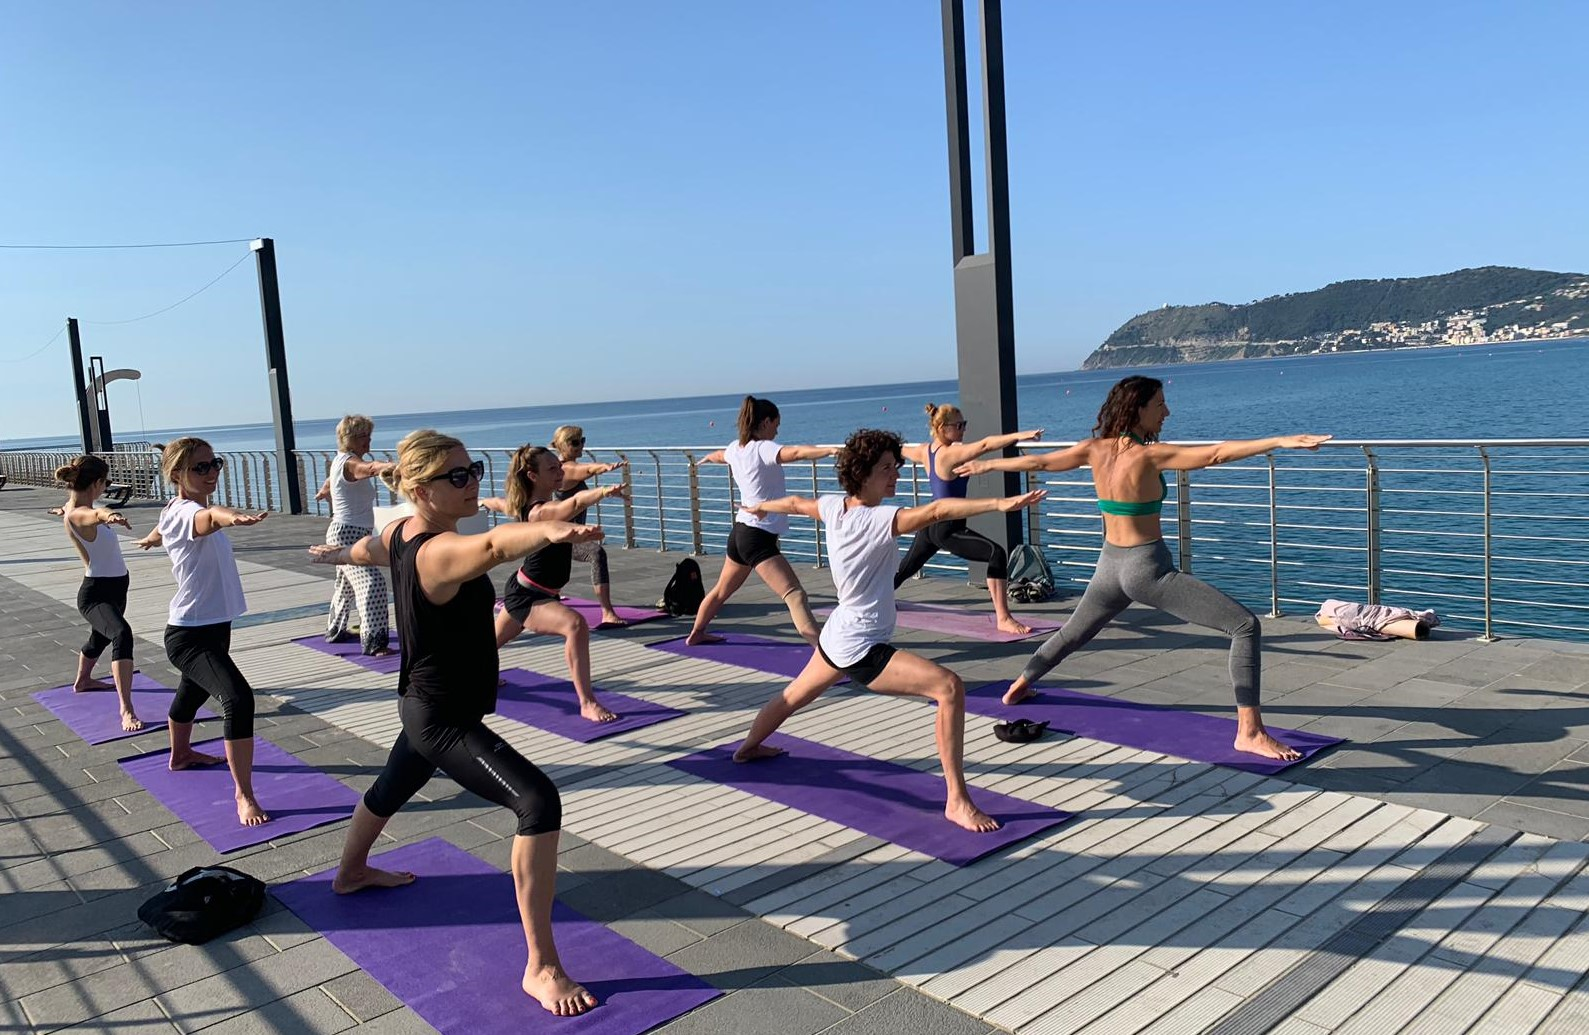 1_essere-free-yoga-gratuito-benessere-per-tutti-village-citta-alassio-estate-lucia-ragazzi-summer-town-wellness-073